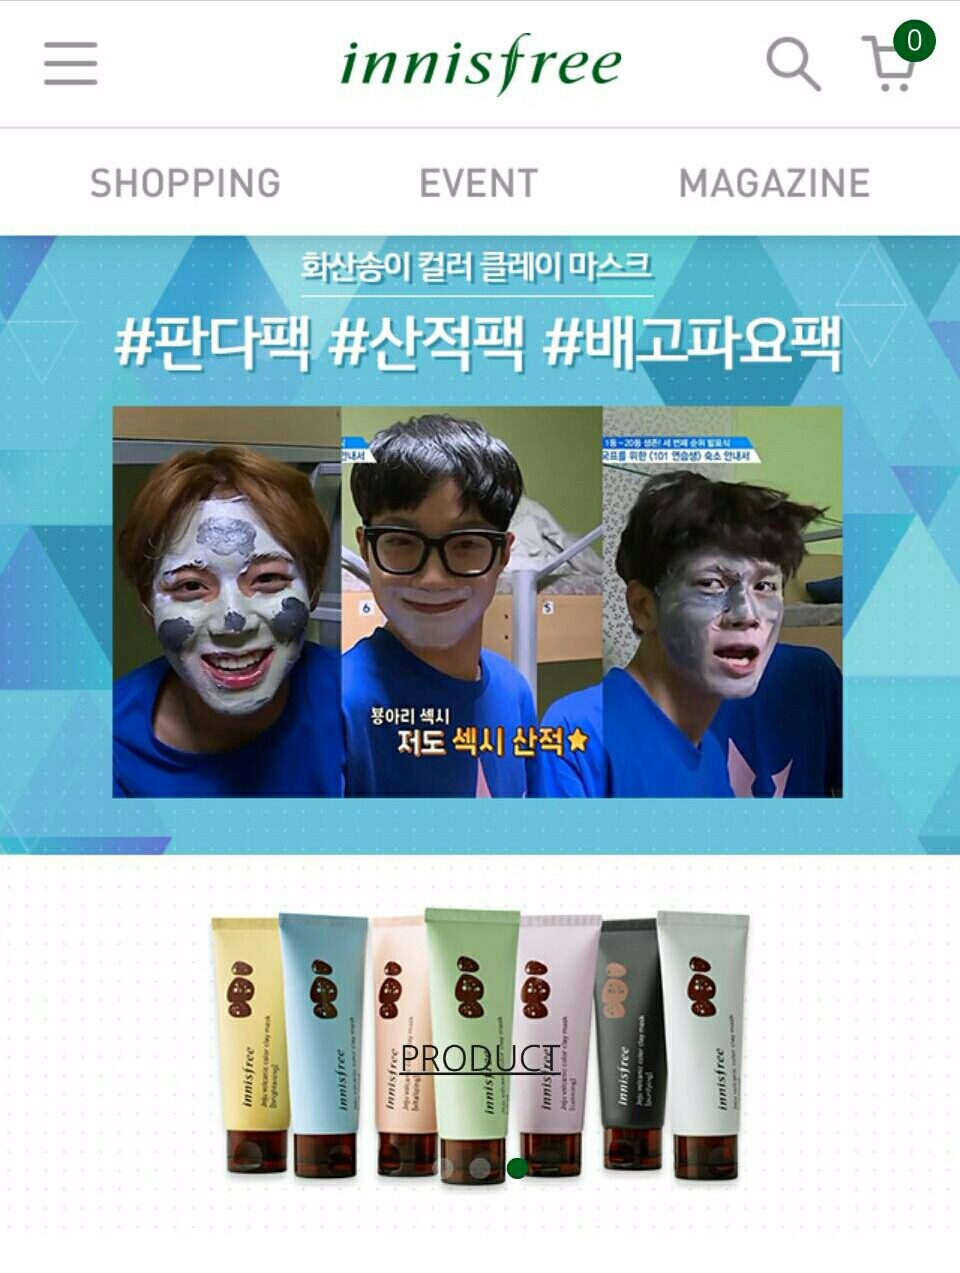 還記得他們在節目中塗的火山面膜嗎??? 果然是代言無誤 韓國的網站也放上節目照 吸引粉絲購買XDDD